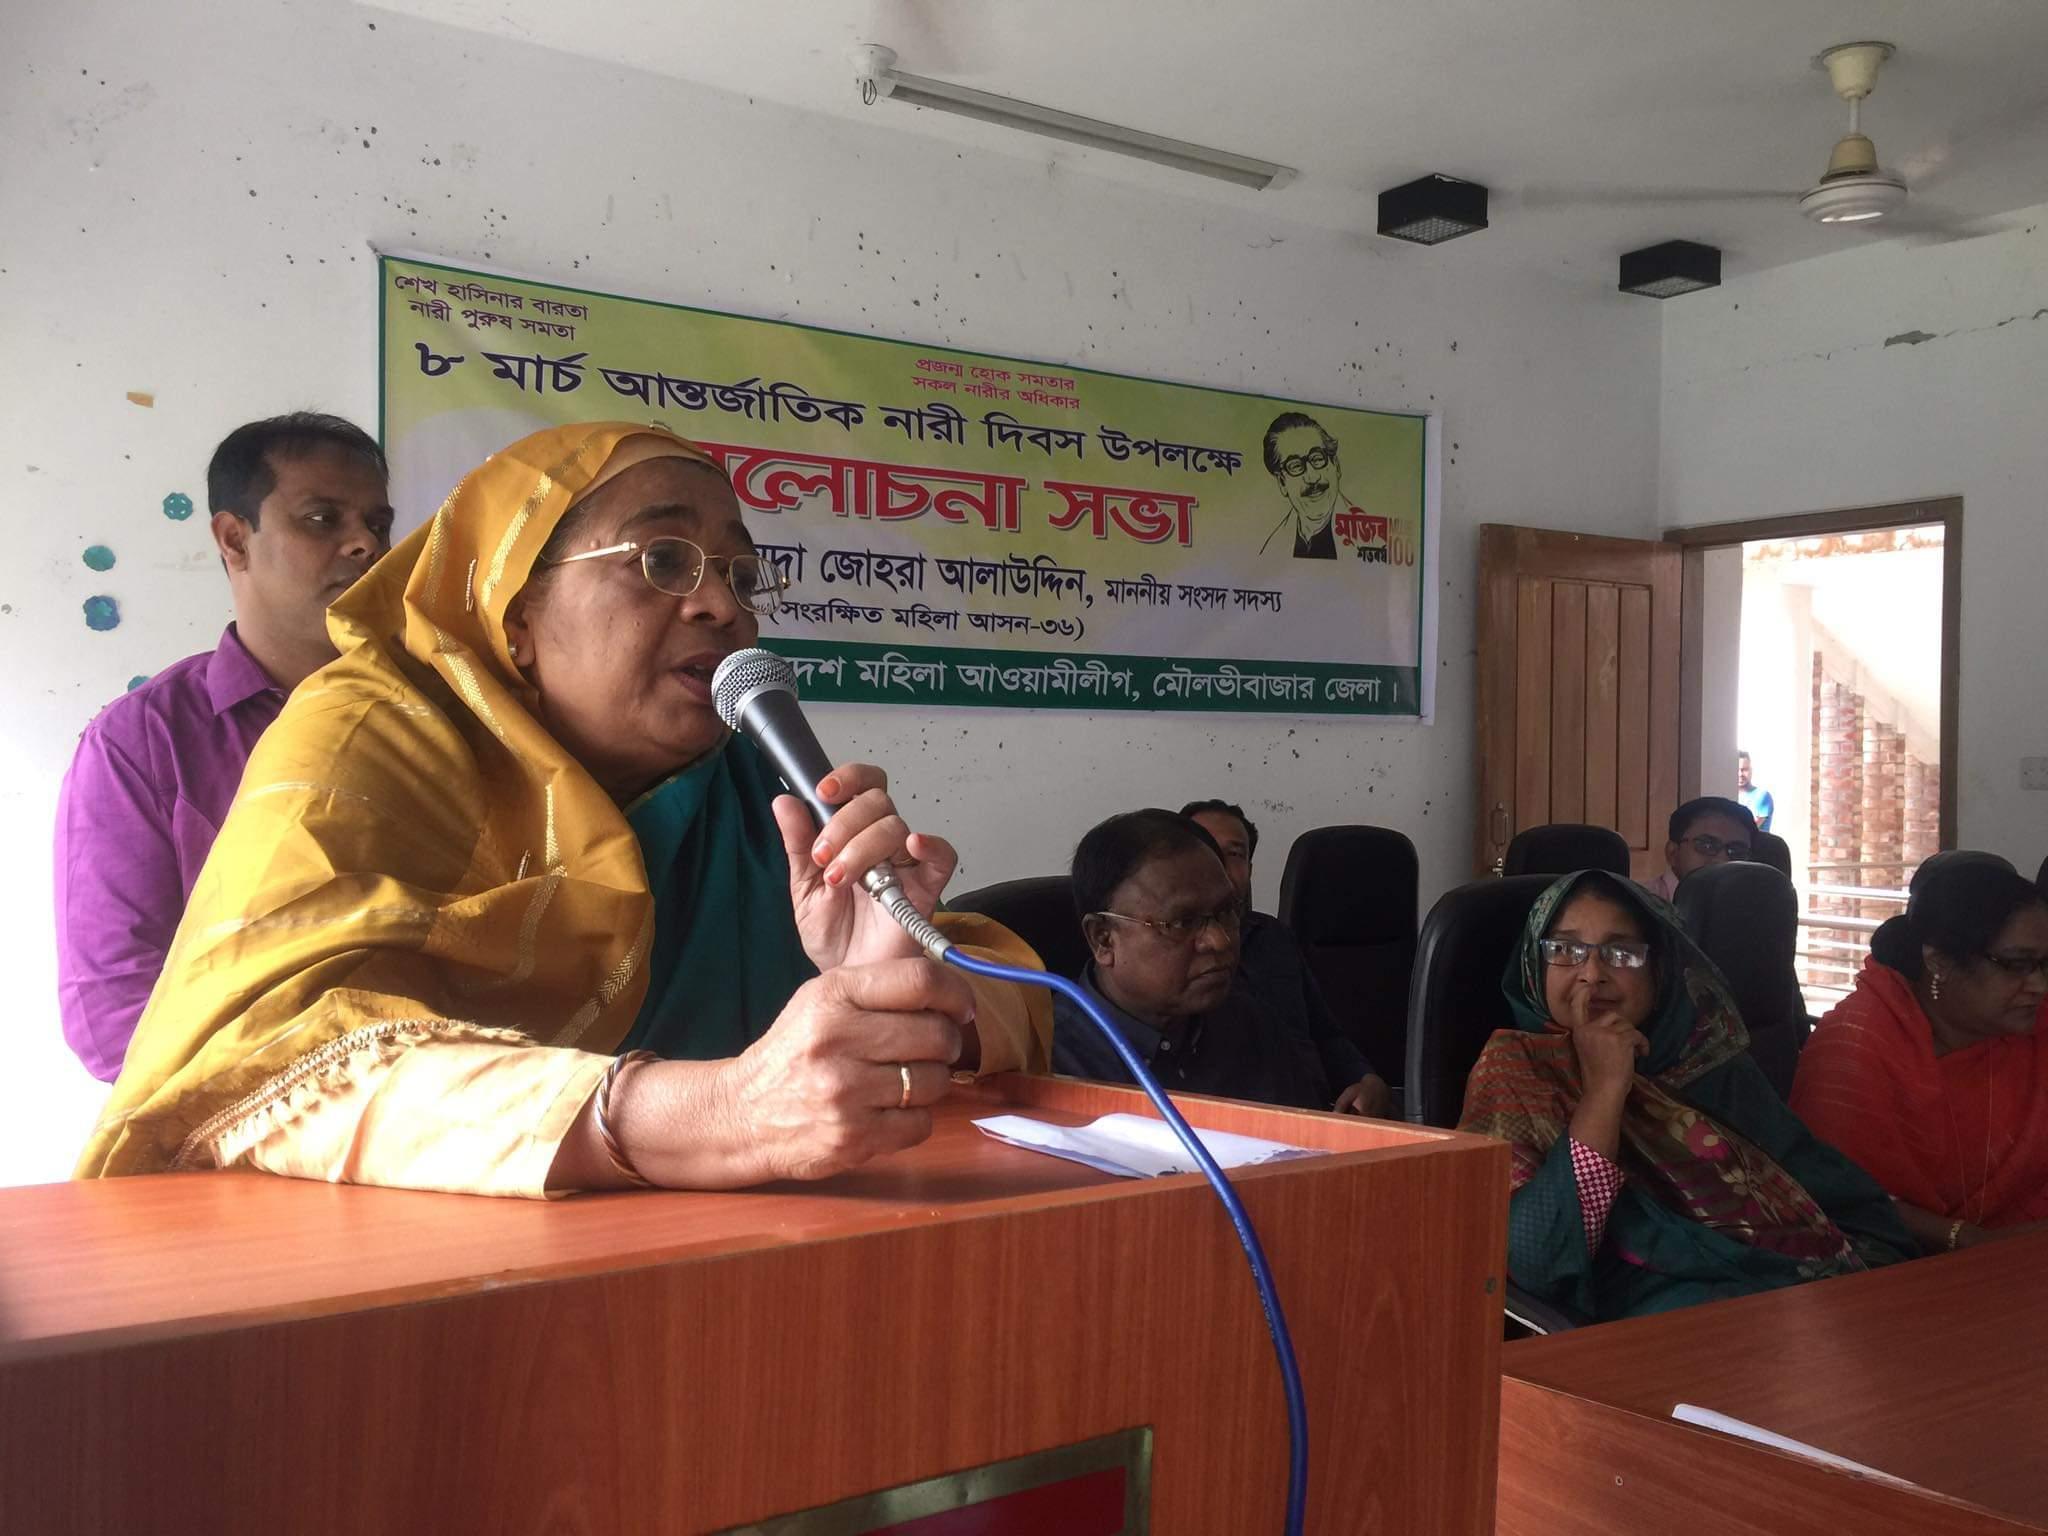 নারীরা এখন আকাশে উড়ছে : জোহরা আলাউদ্দিন এমপি